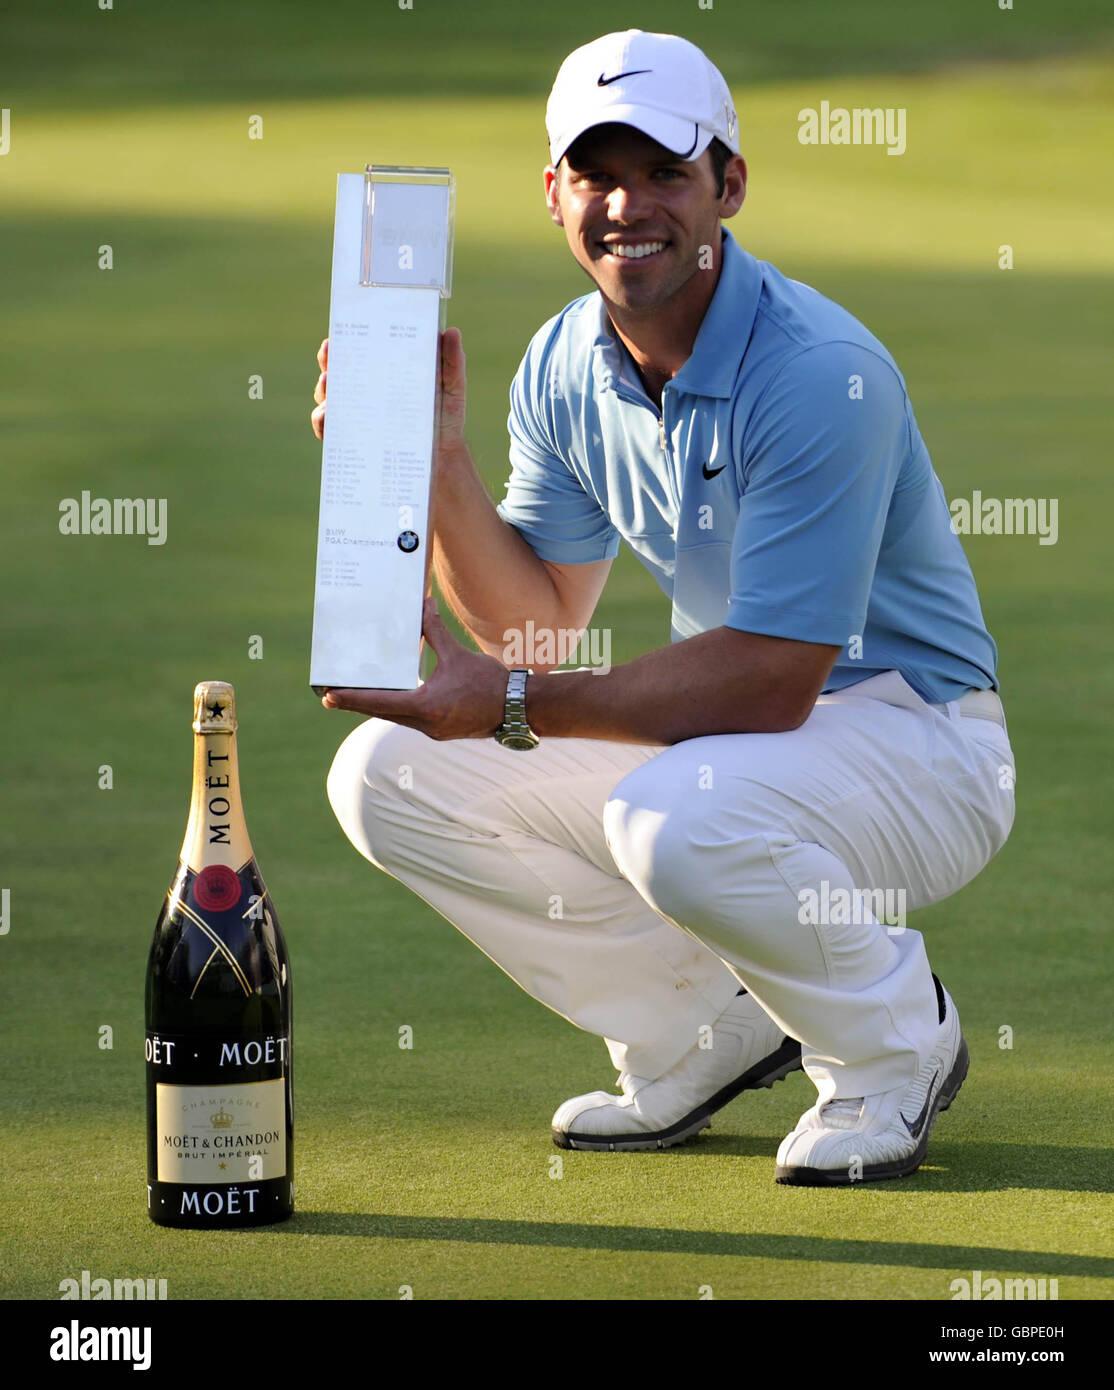 Golf - BMW PGA Championship 2009 - Day Four - Wentworth Golf Club - Stock  Image 4a7fdfcf8fa